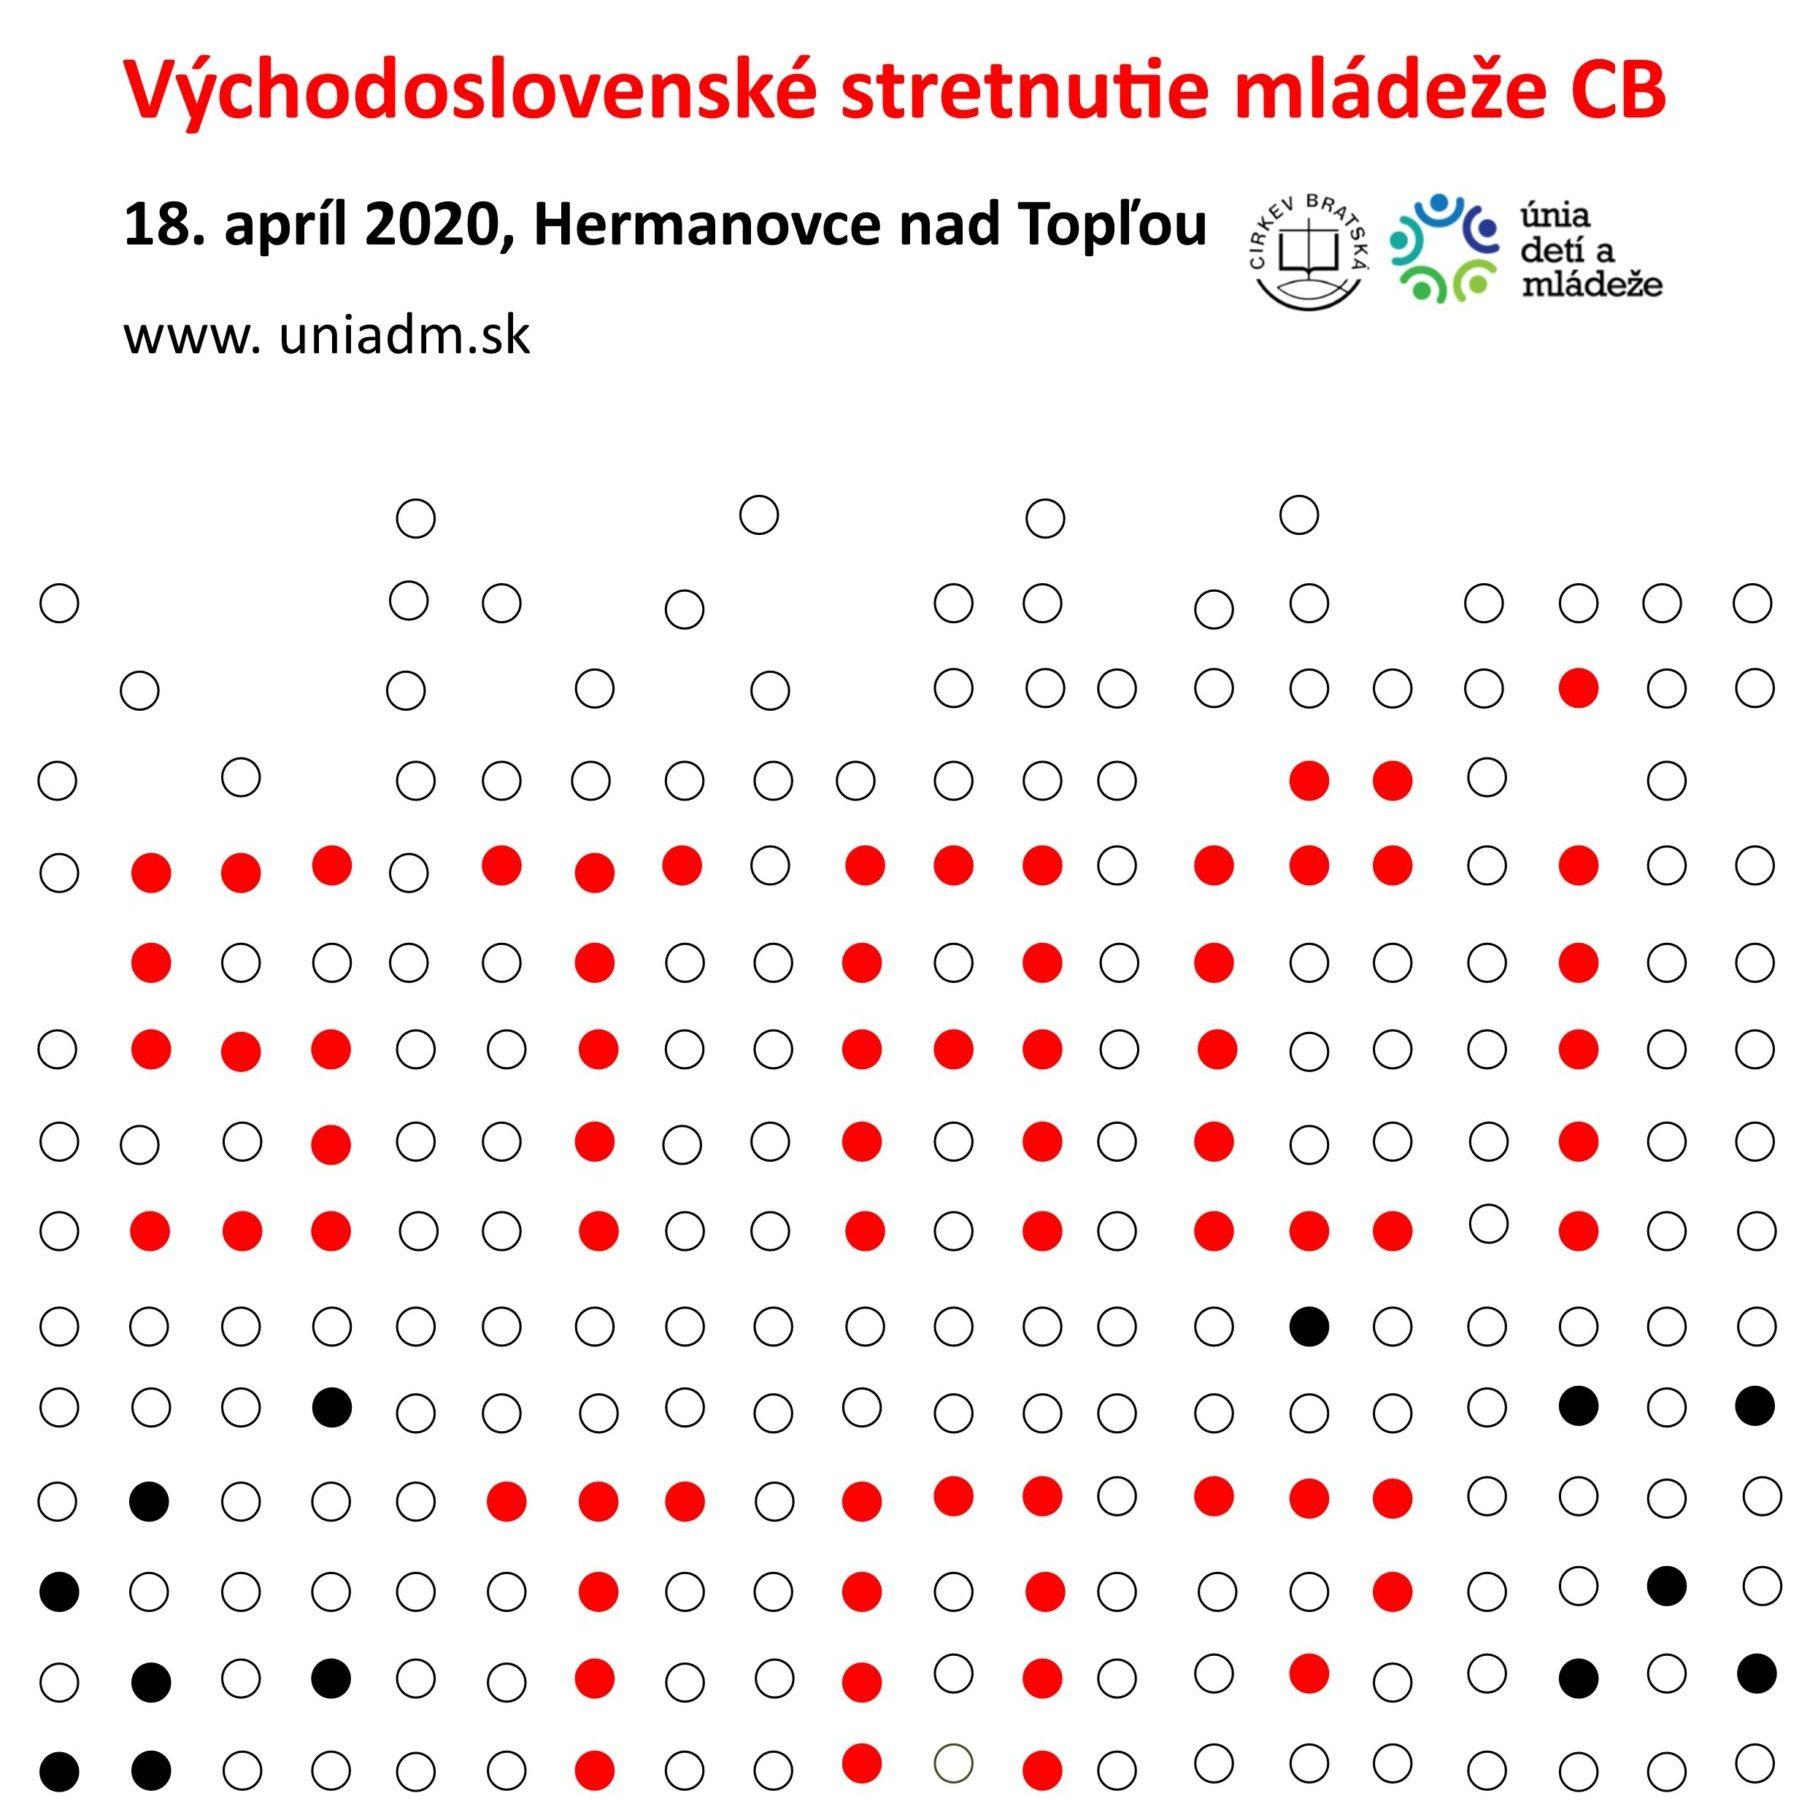 Východoslovenské stretnutie mládeže 2020